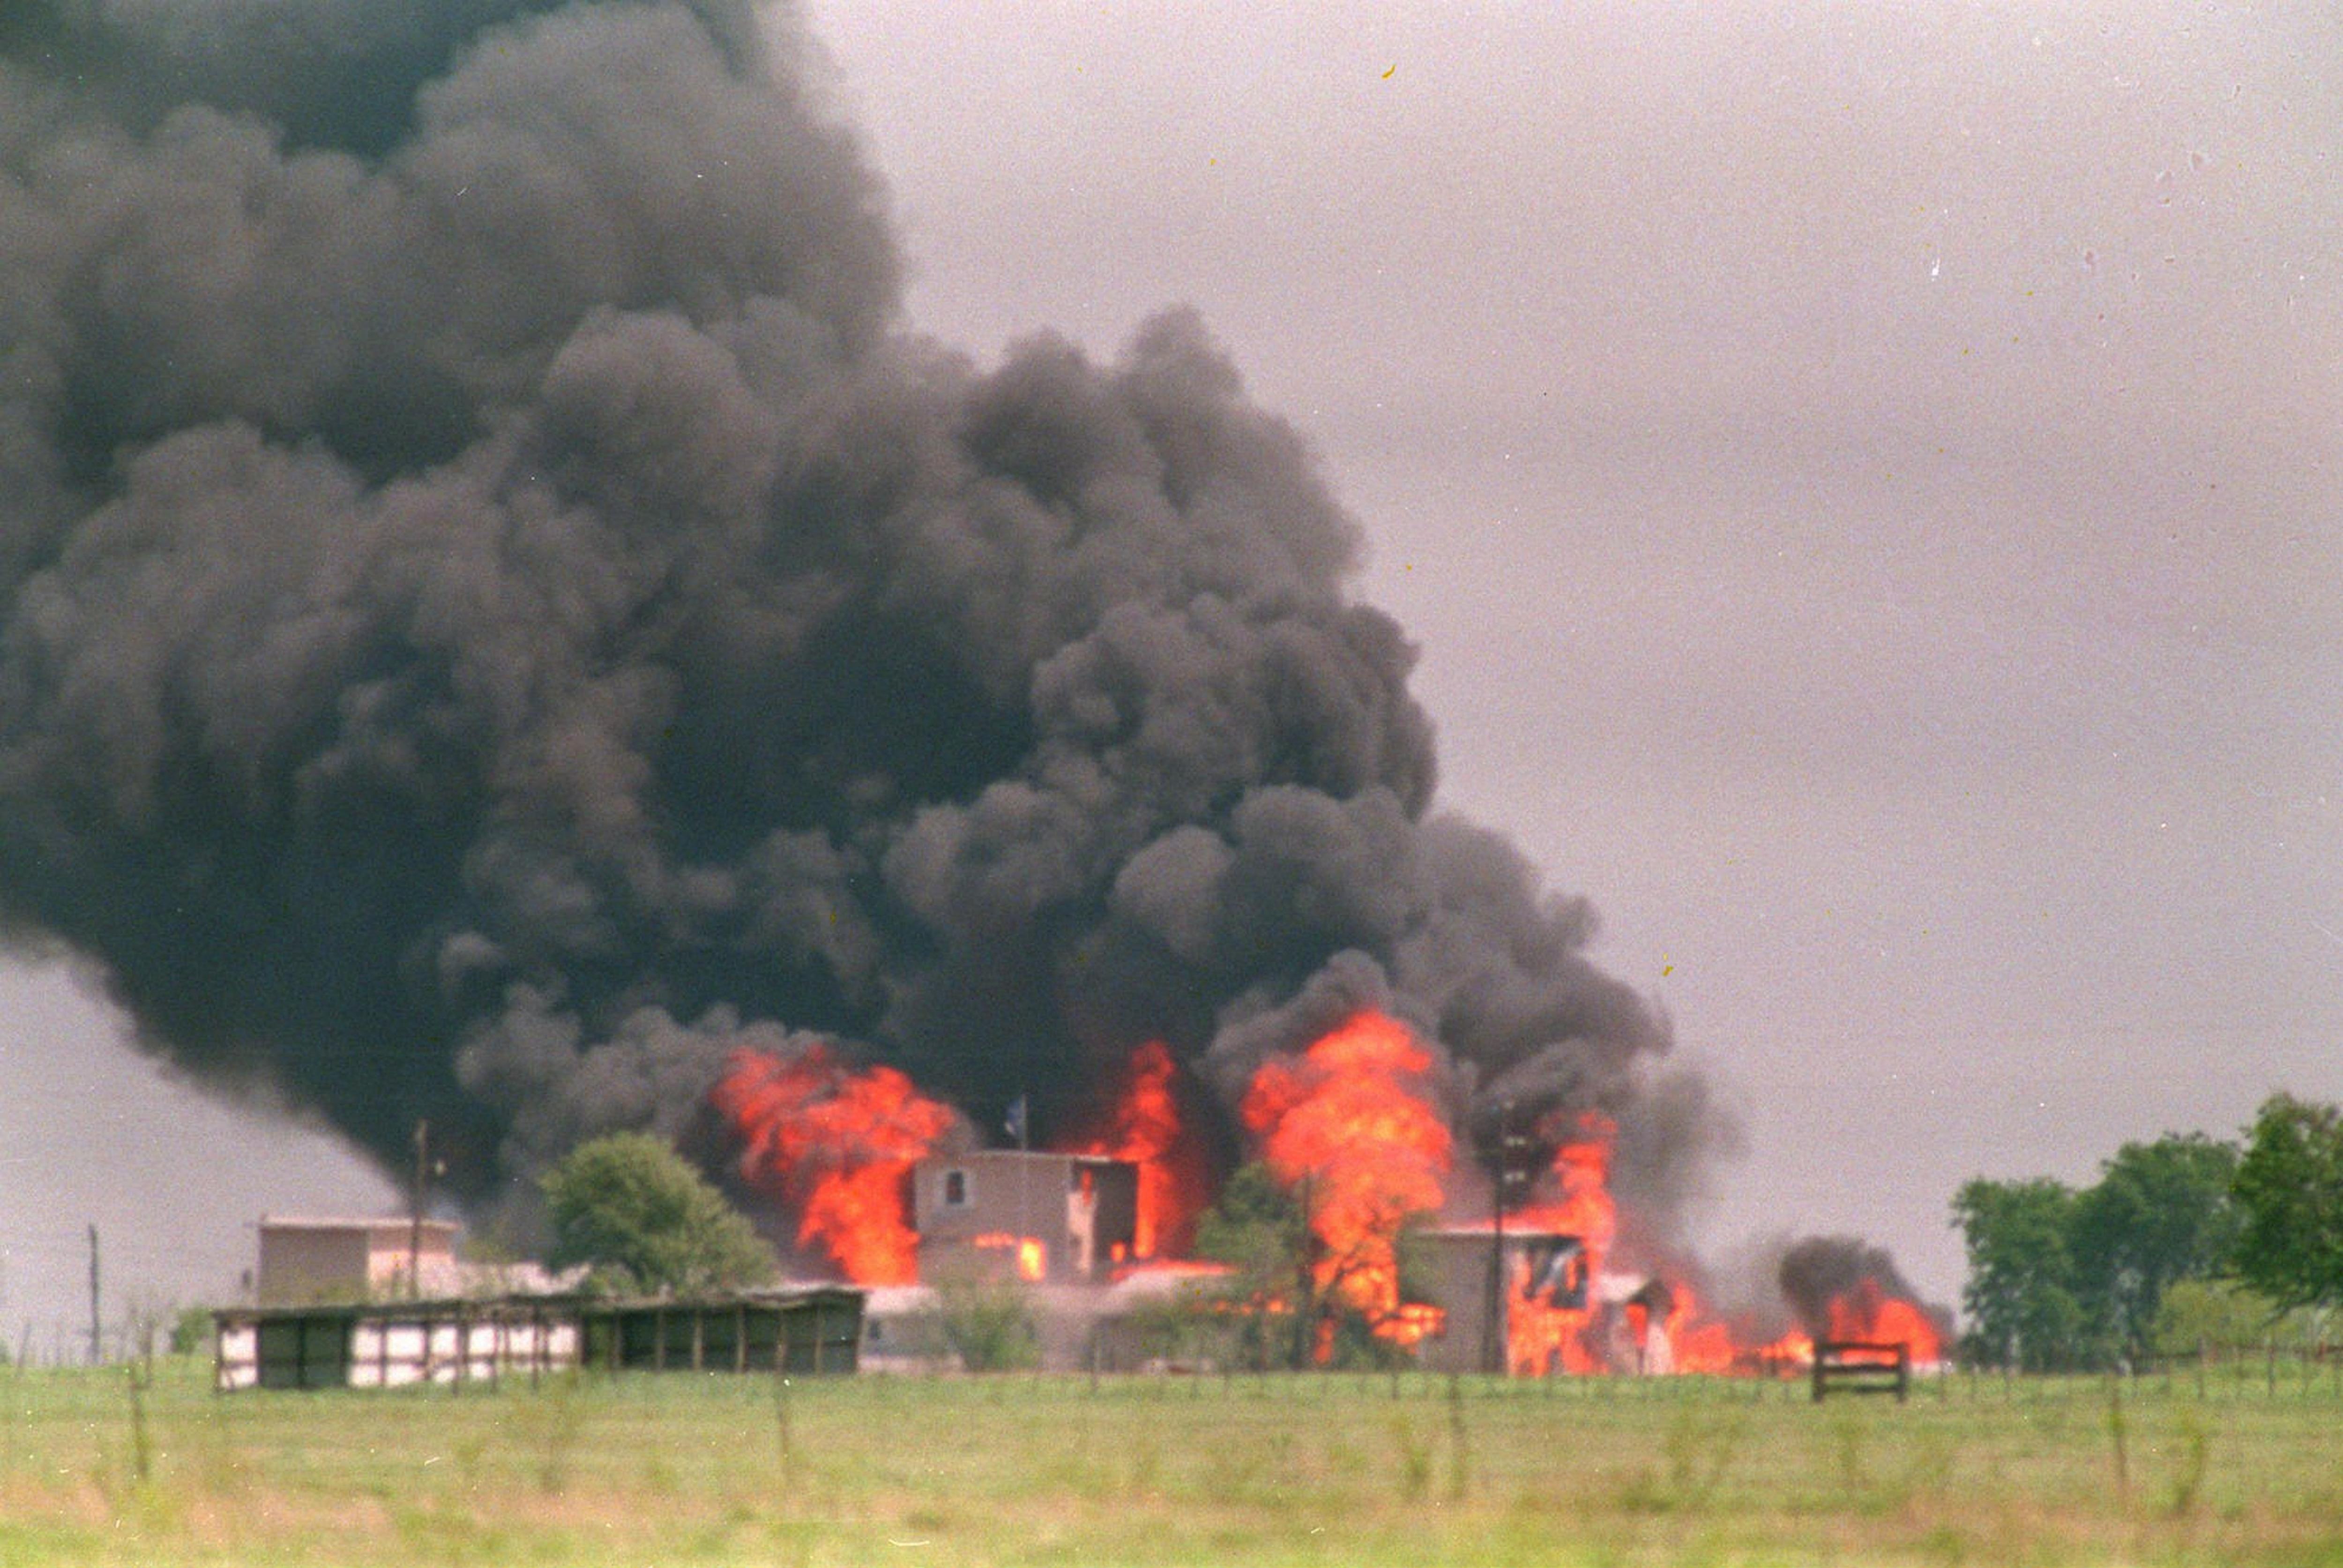 Près de Waco, l'un des bâtiments du ranch des davidiens qui s'est enflammé le 19 avril 1993 après l'intervention musclée du FBI.